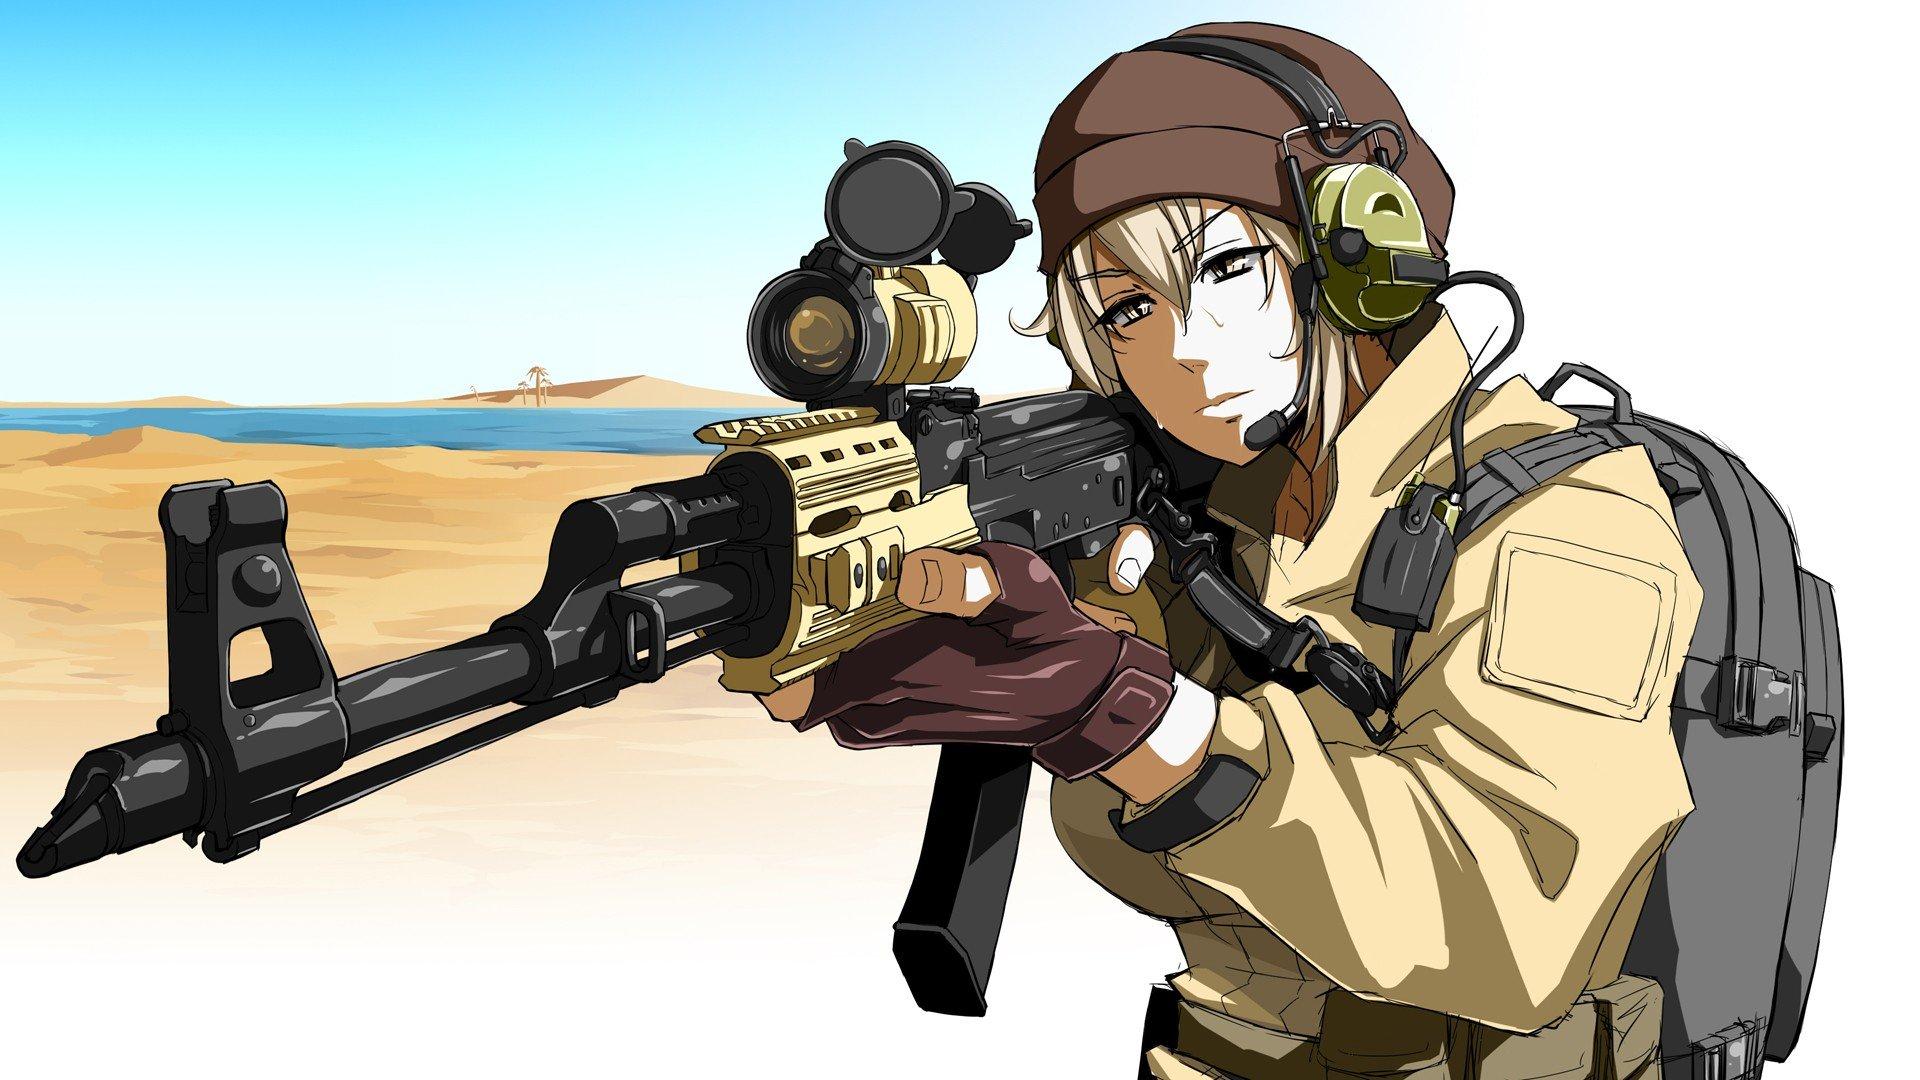 Pubg Anime Girl Wallpaper: Anime Gun Wallpaper